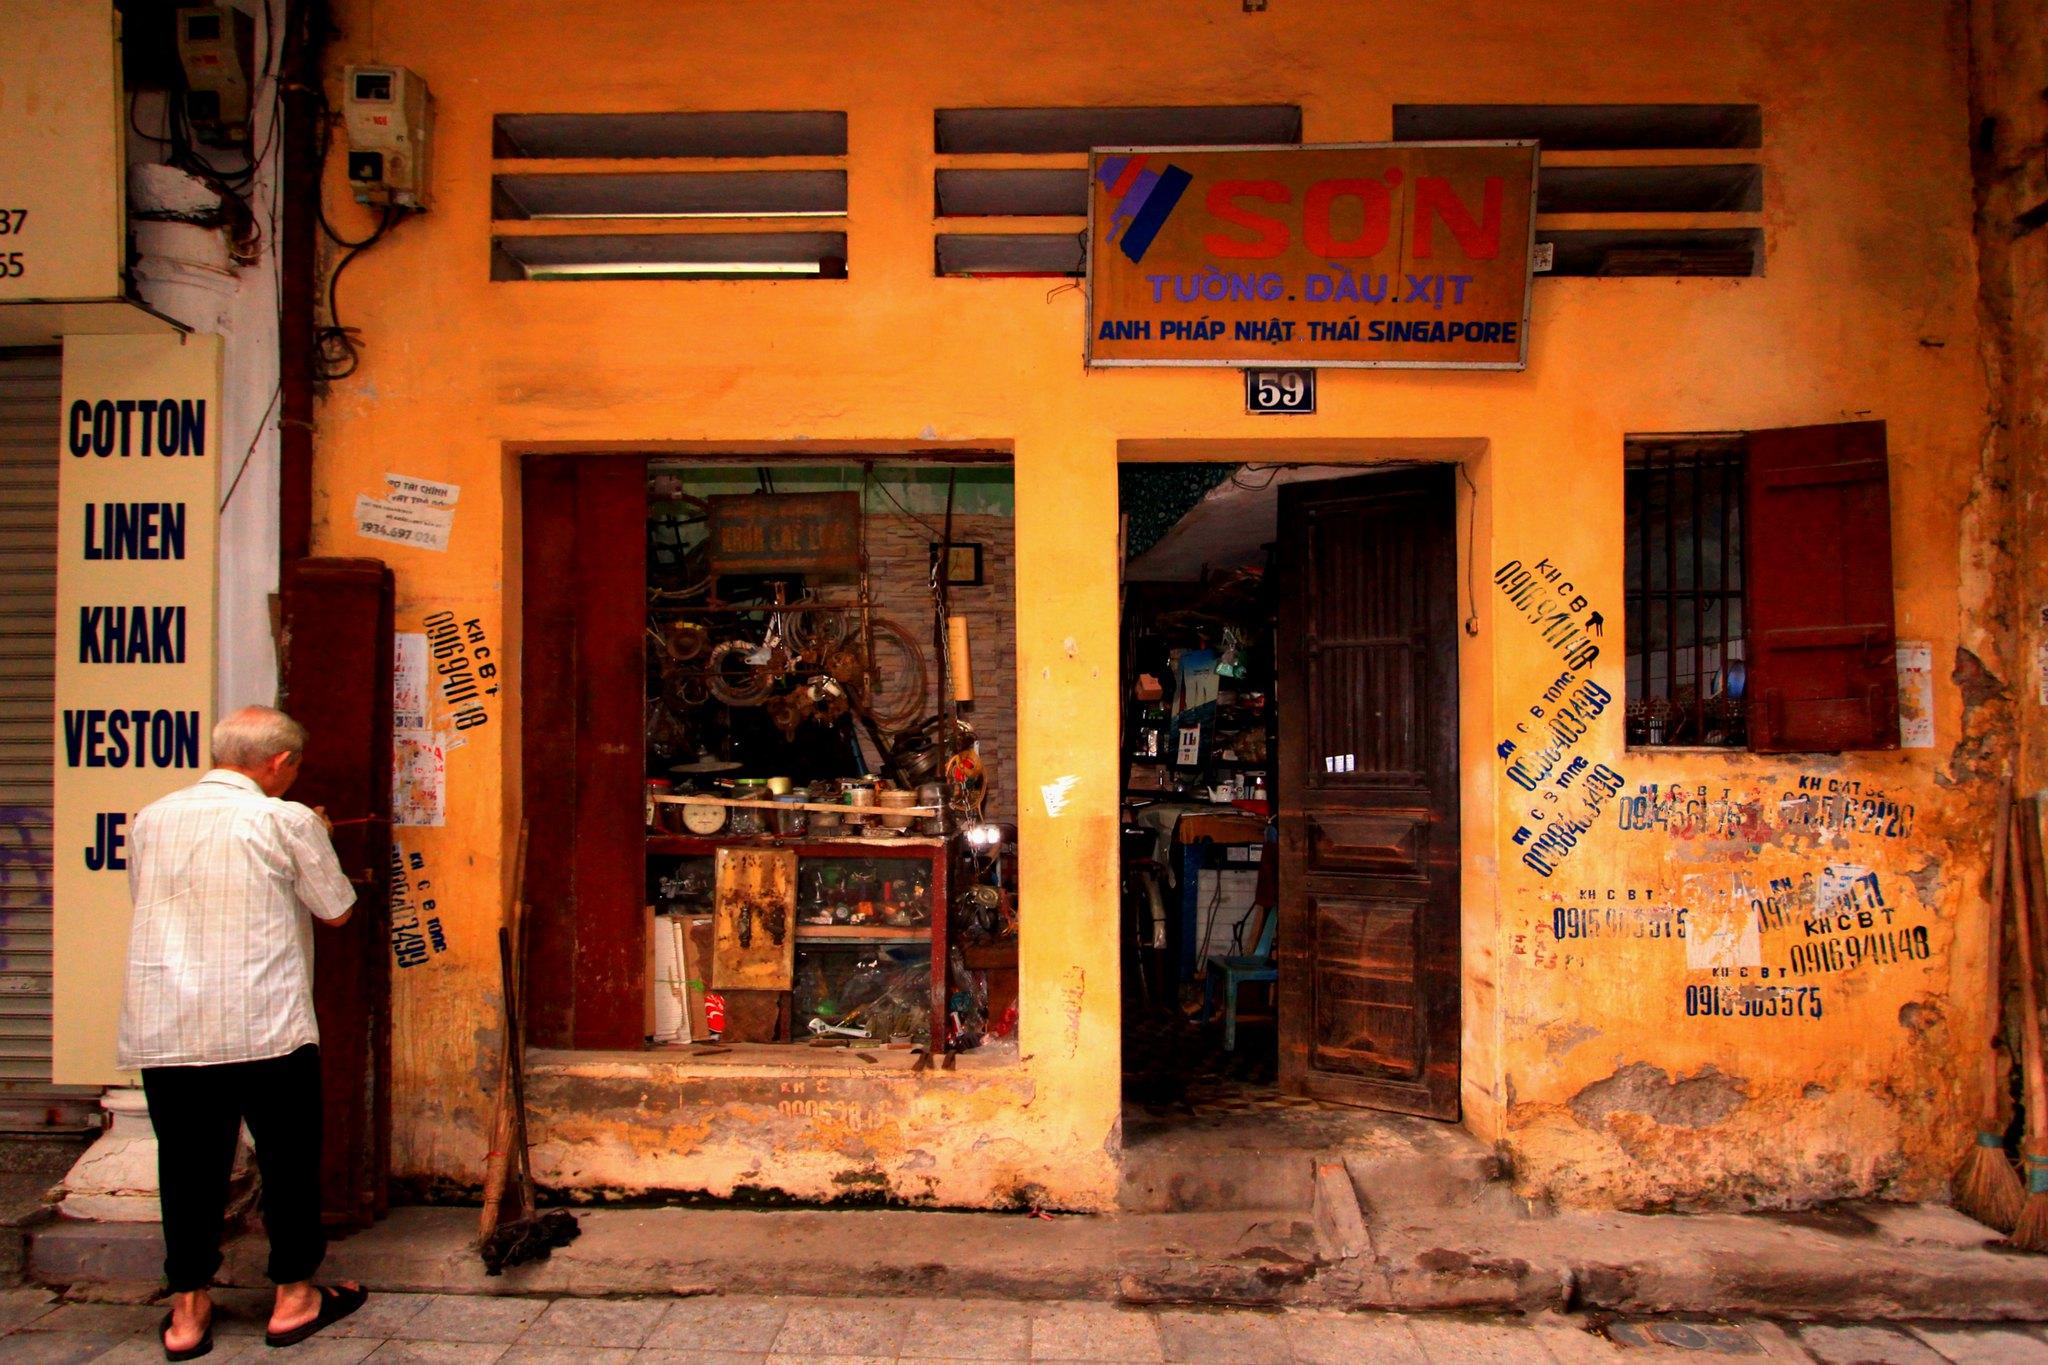 Hướng dẫn viết bài văn bằng tiếng Anh về Hà Nội